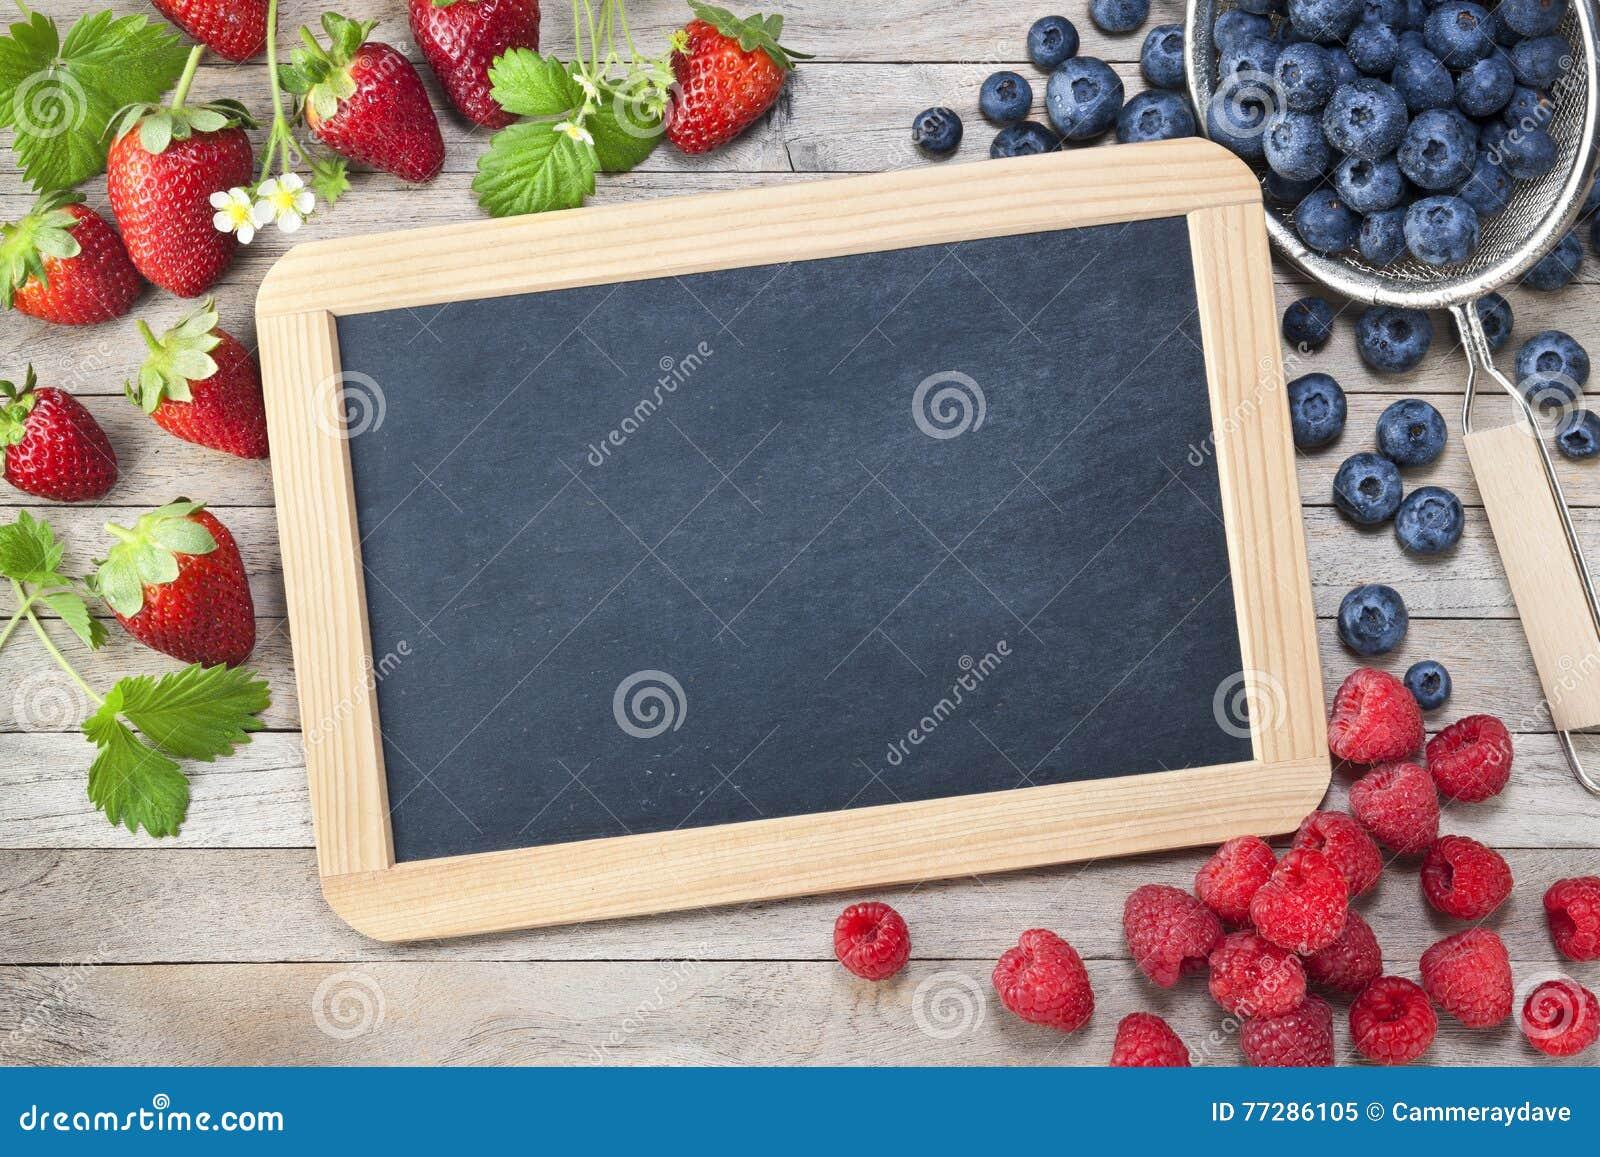 黑板黑板莓果标志背景